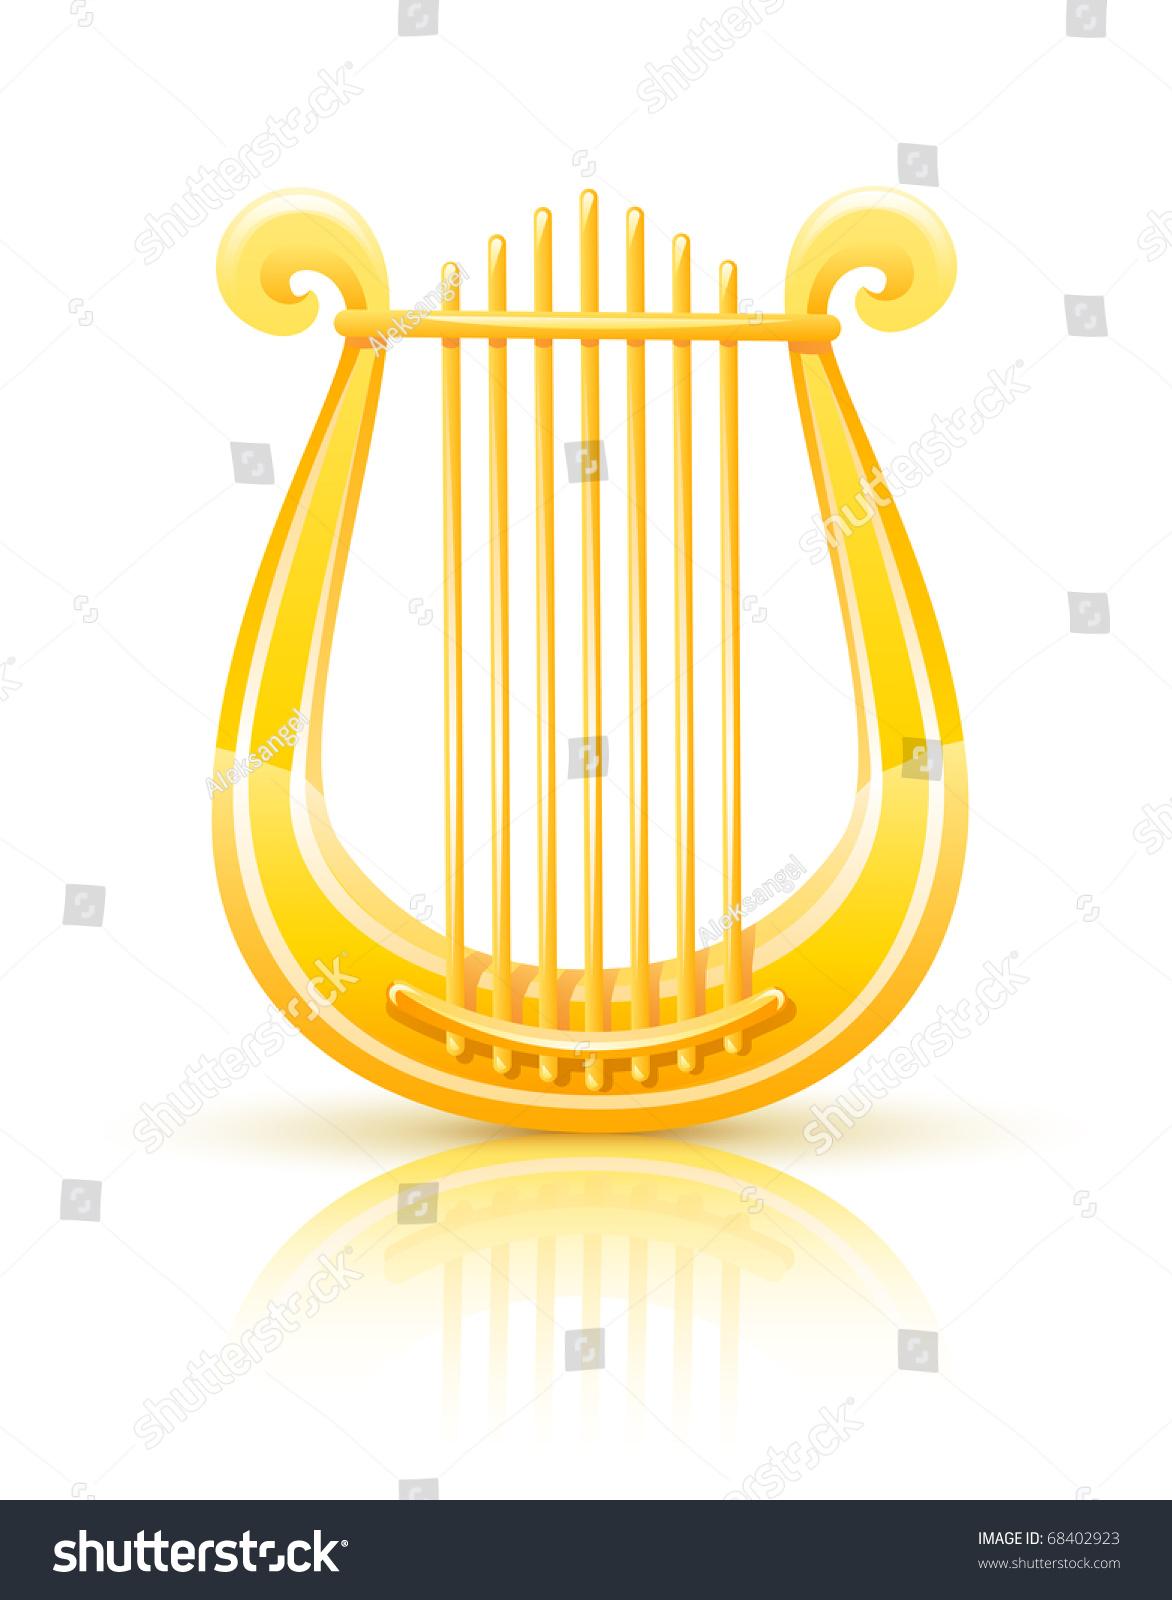 Лира музыкальный инструмент ее изображение 4